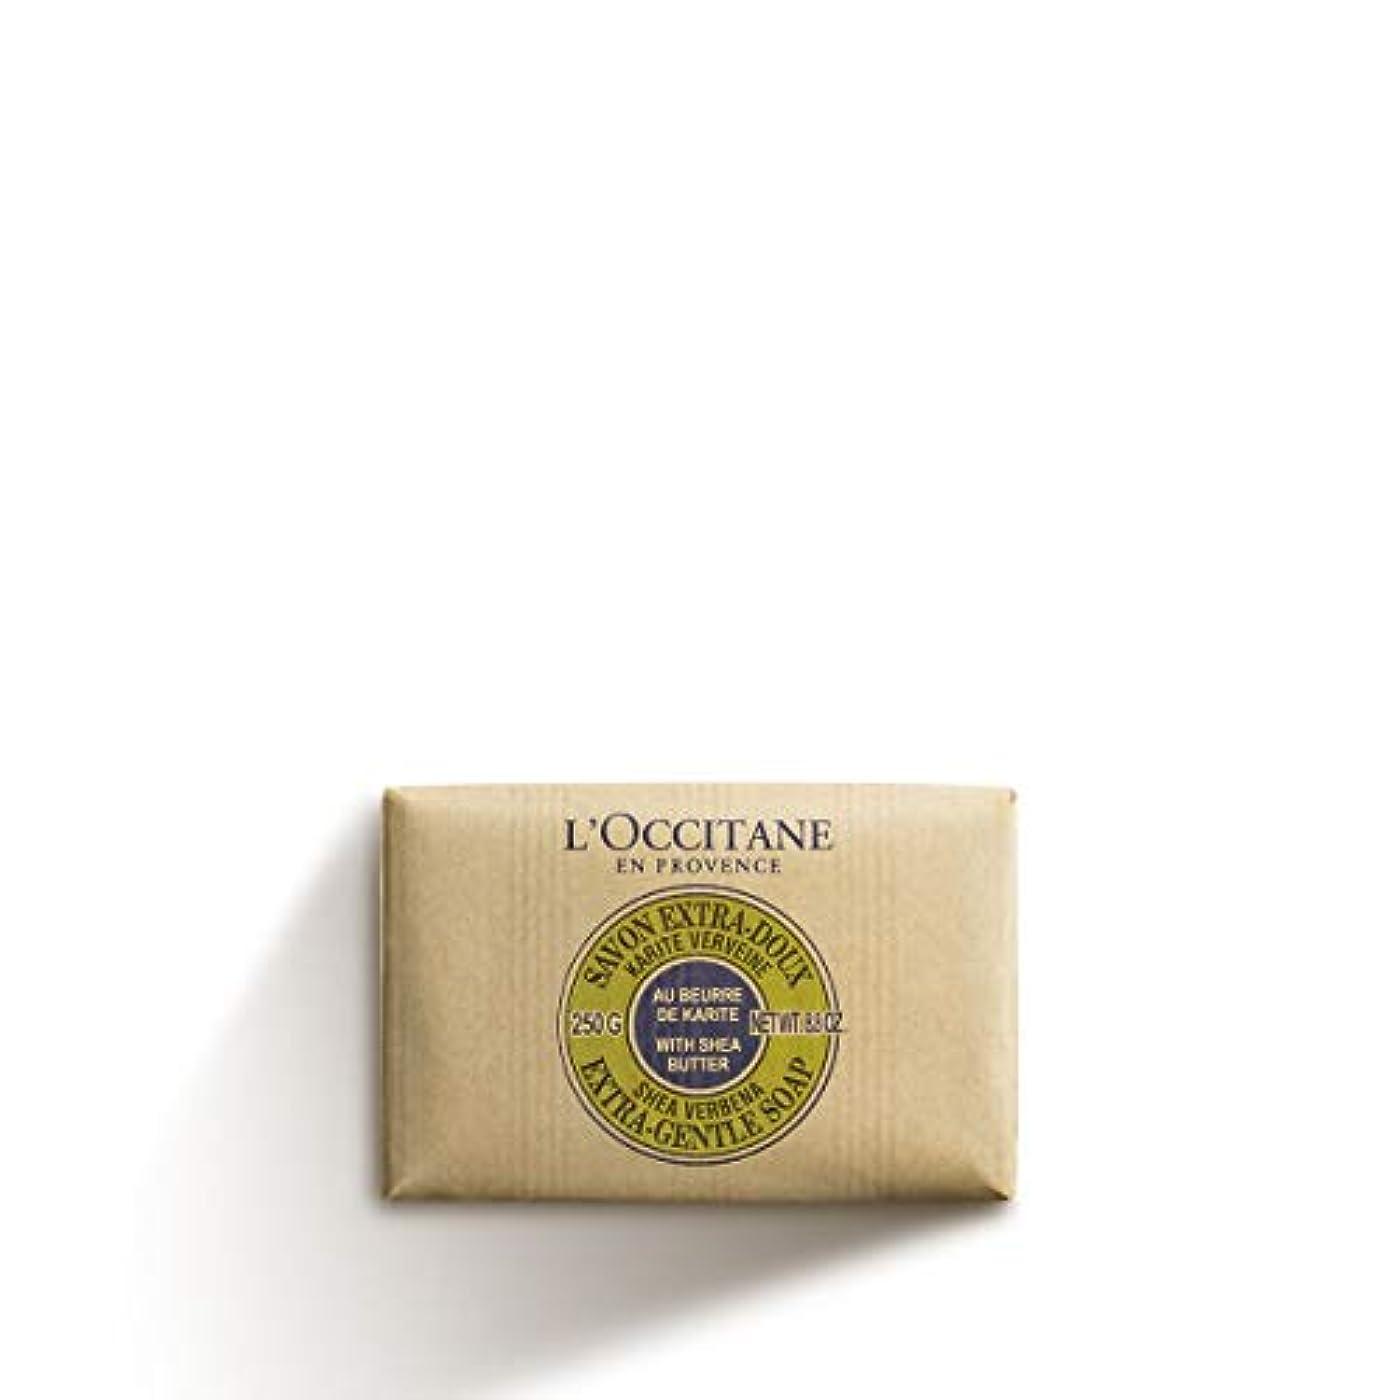 極小スキップ自分を引き上げるロクシタン(L'OCCITANE) シアバターソープ 250g ヴァーベナ